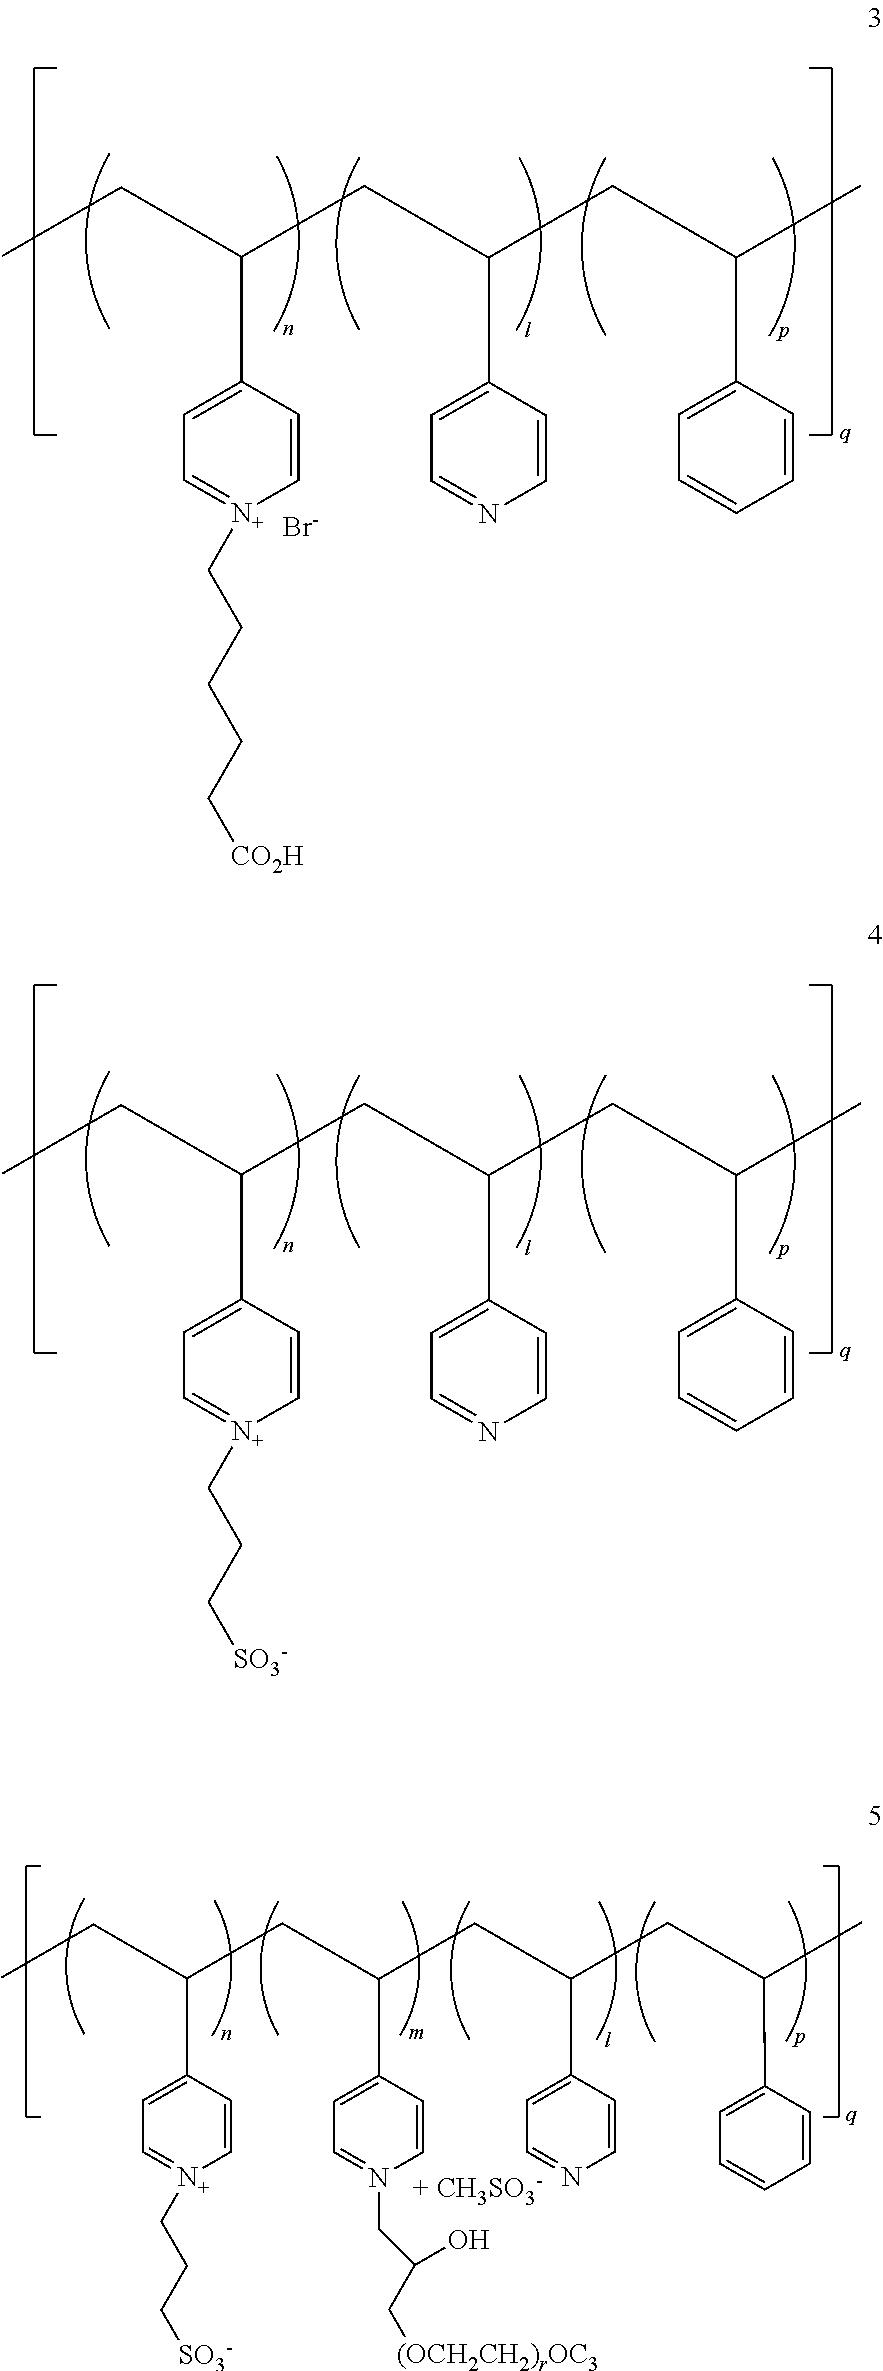 Figure US08377271-20130219-C00007